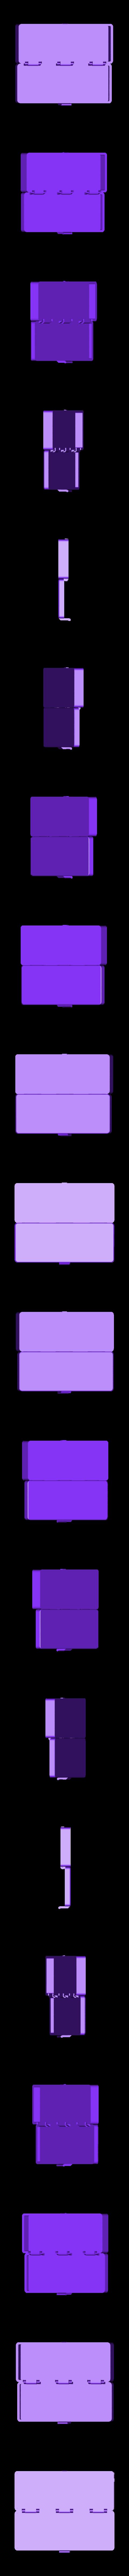 box_03_40x143x100.stl Télécharger fichier STL gratuit boxer • Modèle pour impression 3D, zibi36